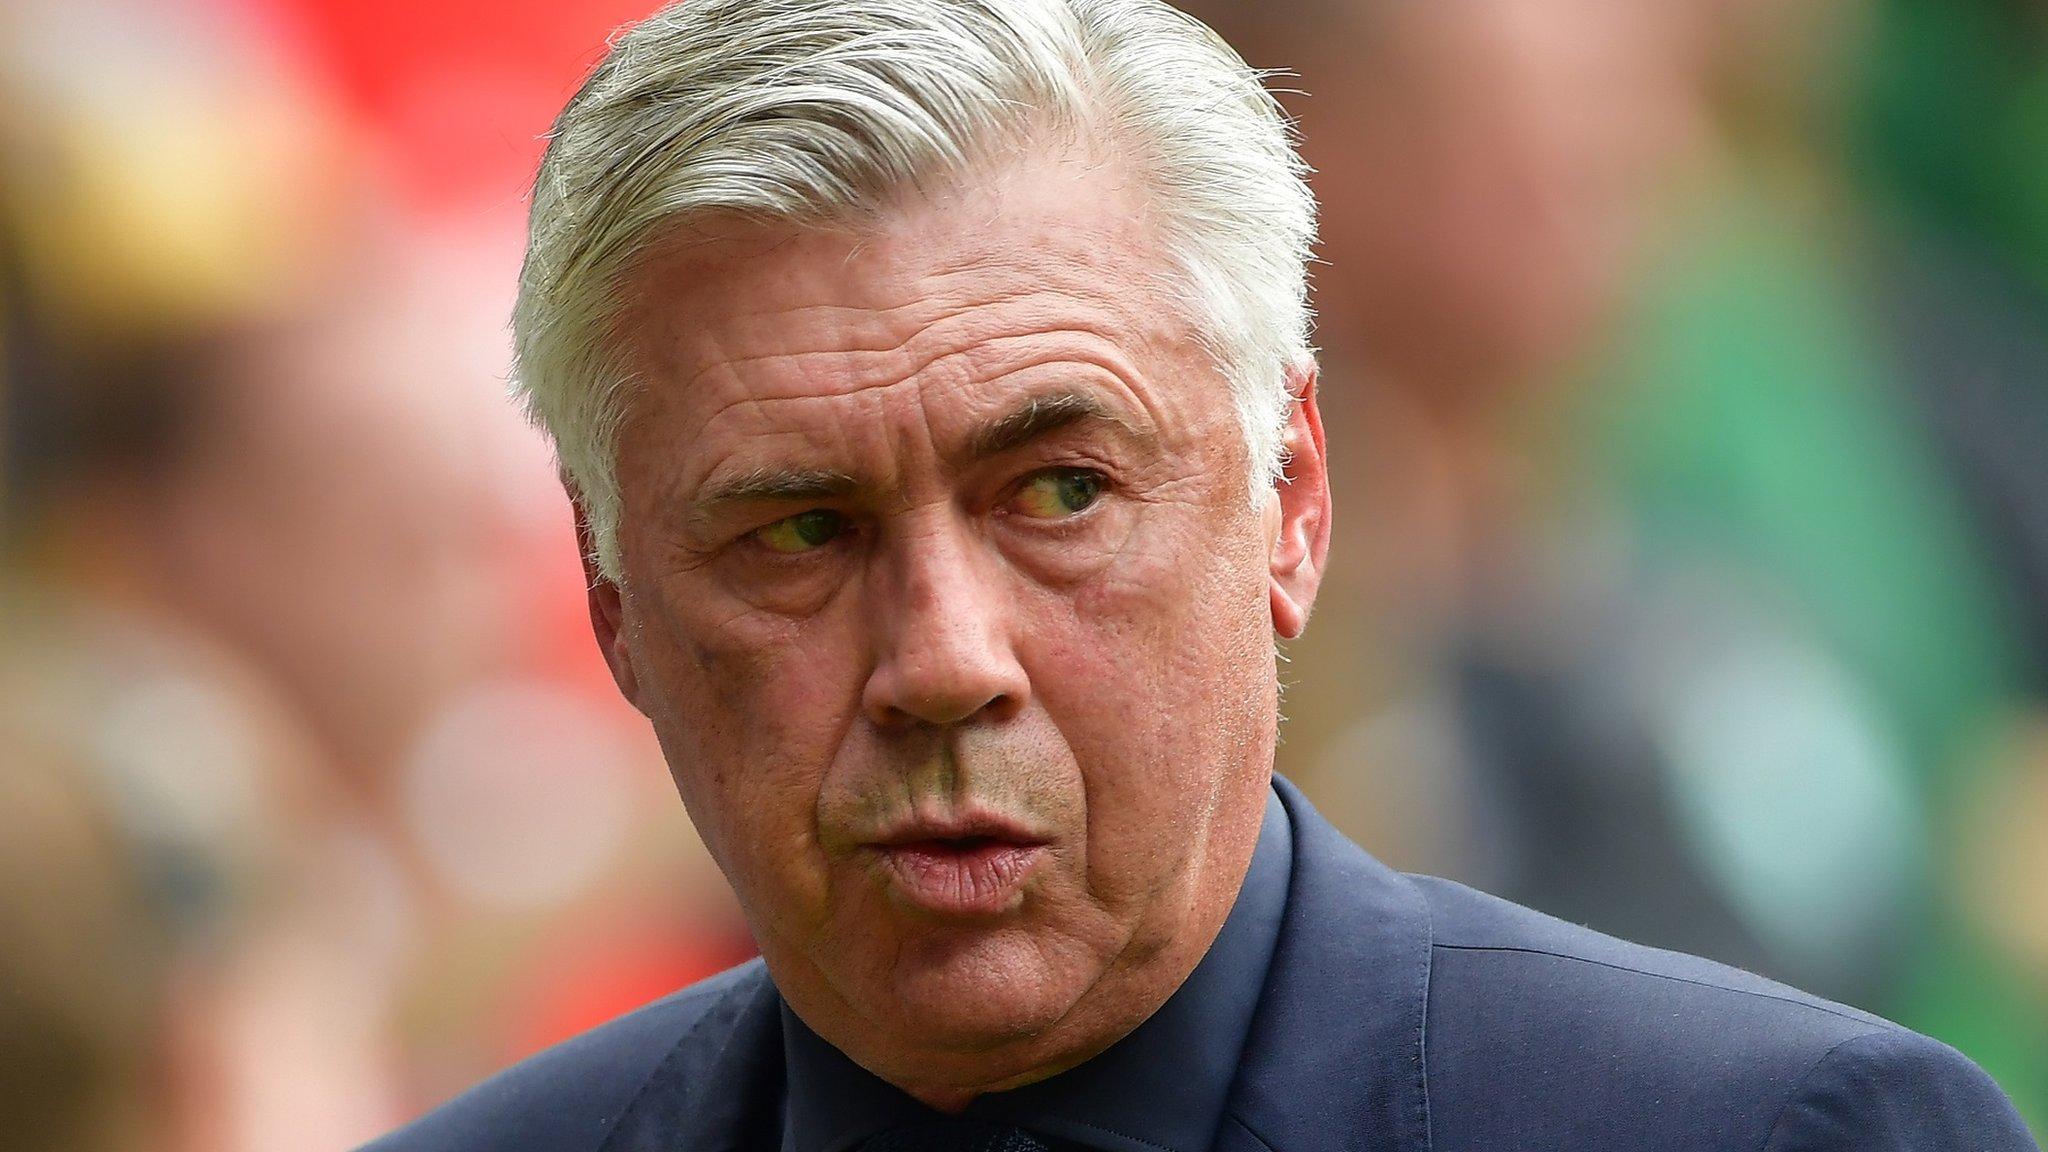 Carlo Ancelotti appointed Napoli manager replacing Maurizio Sarri